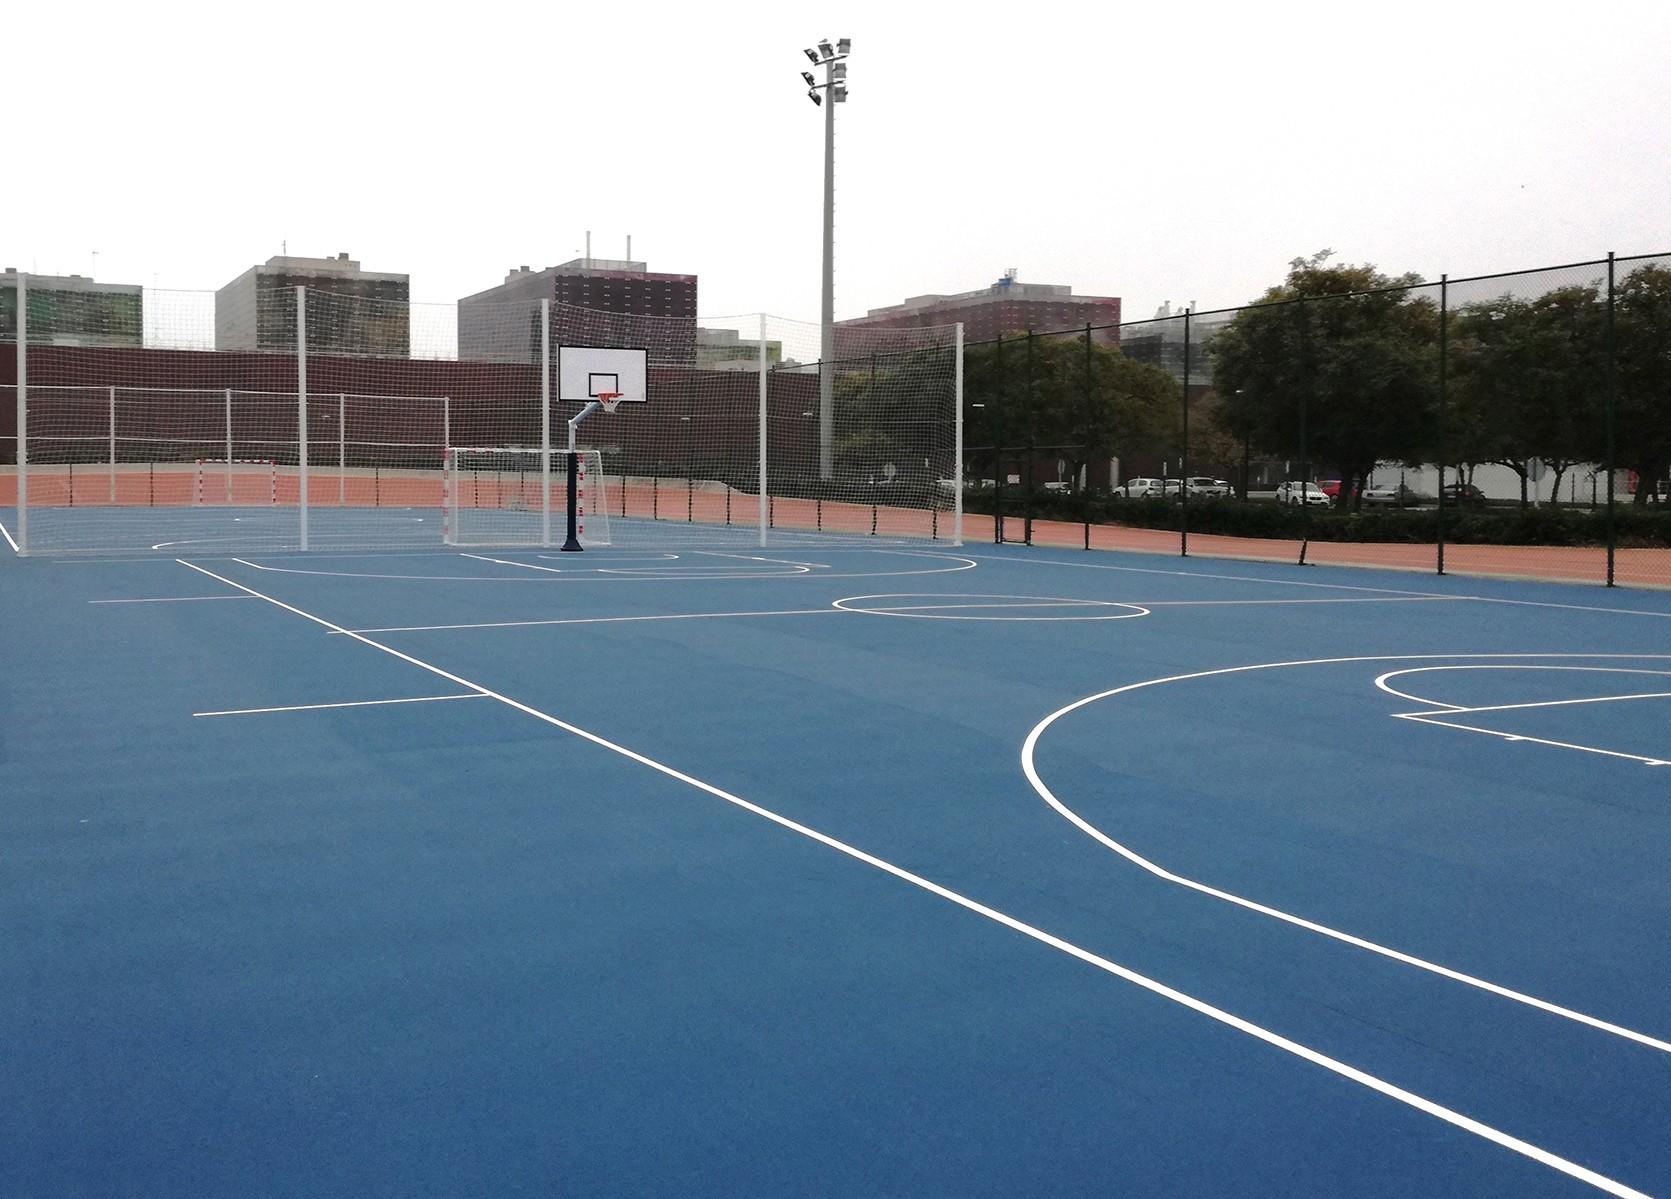 Pavimento Que Es : Sportflex m un pavimento para superficies deportivas de exterior